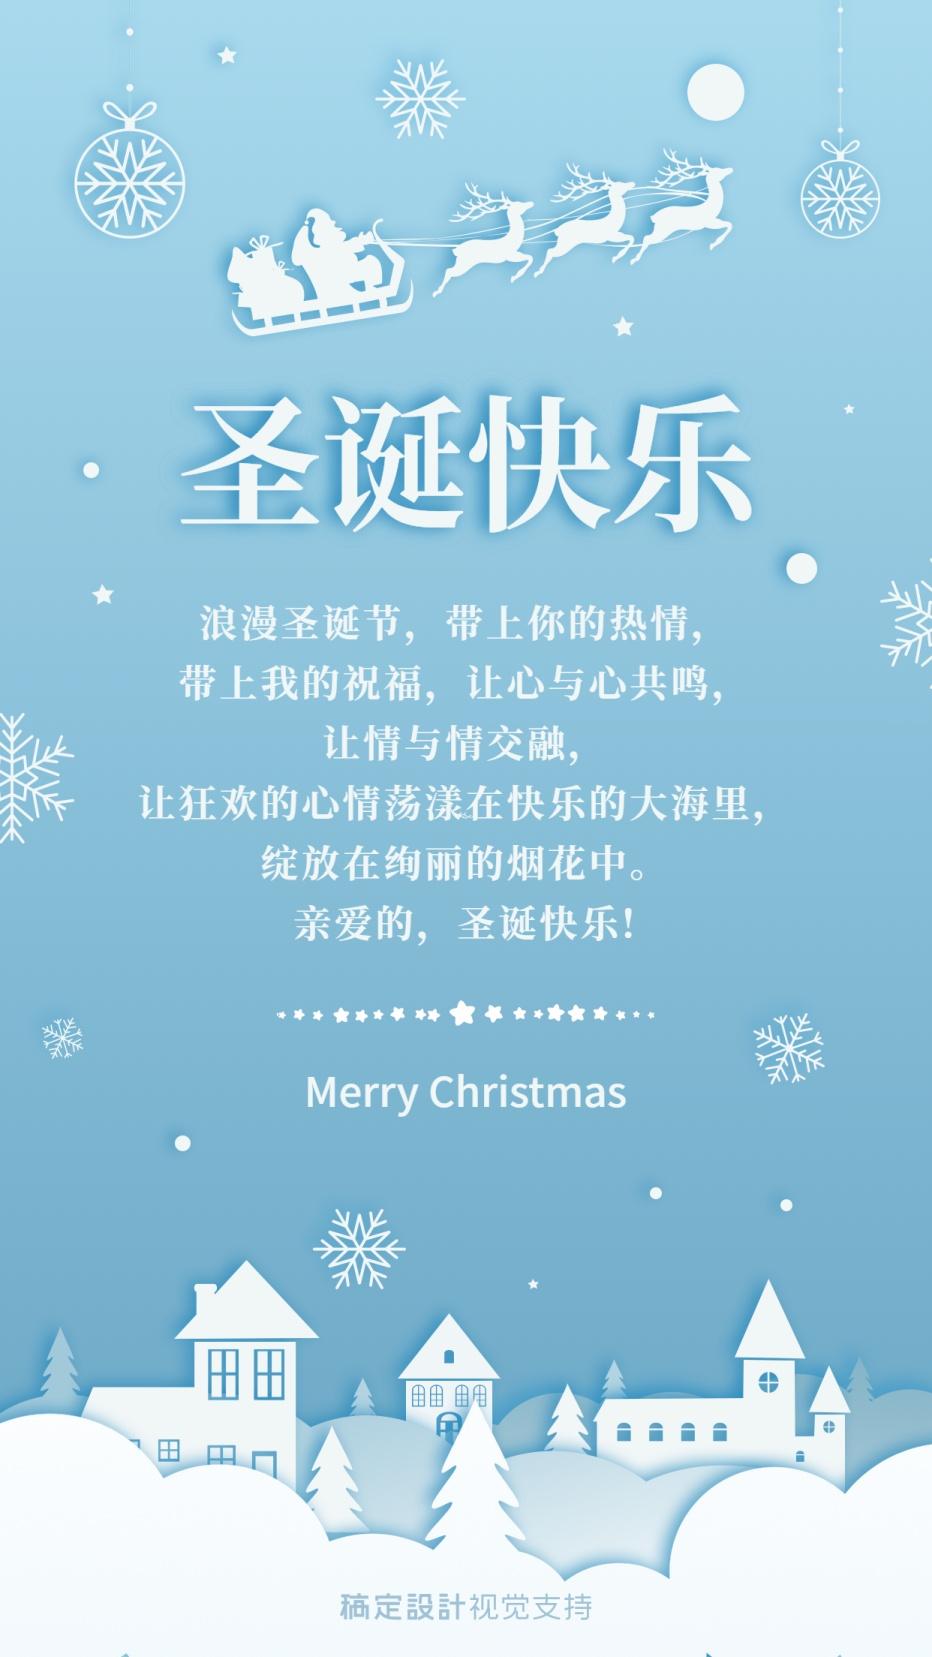 冬季冰雪/圣诞节/节日祝福/插画